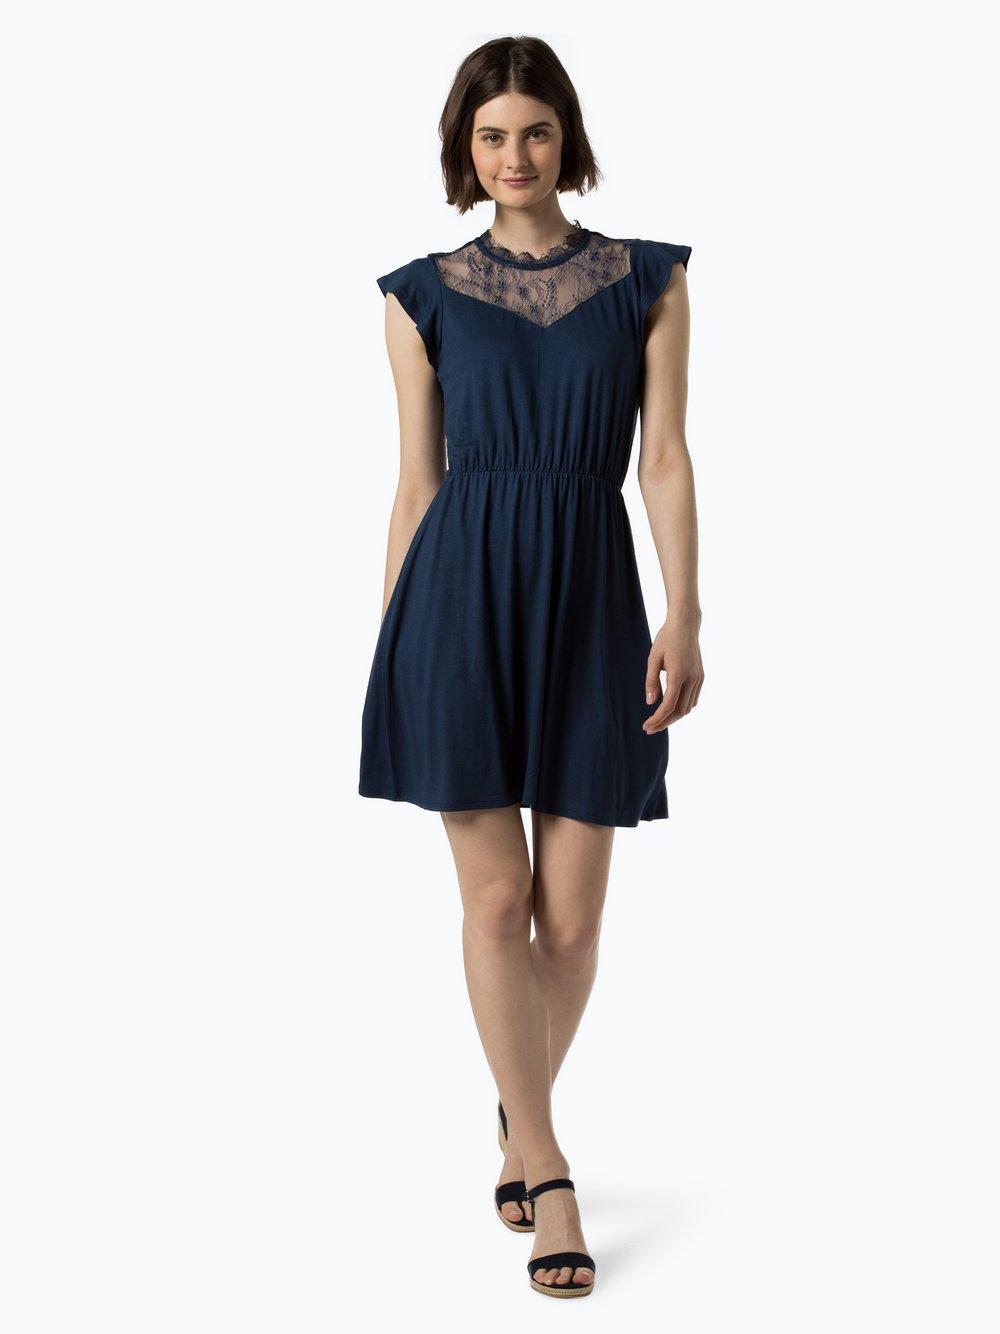 ONLY - Sukienka damska – Onlamila, niebieski